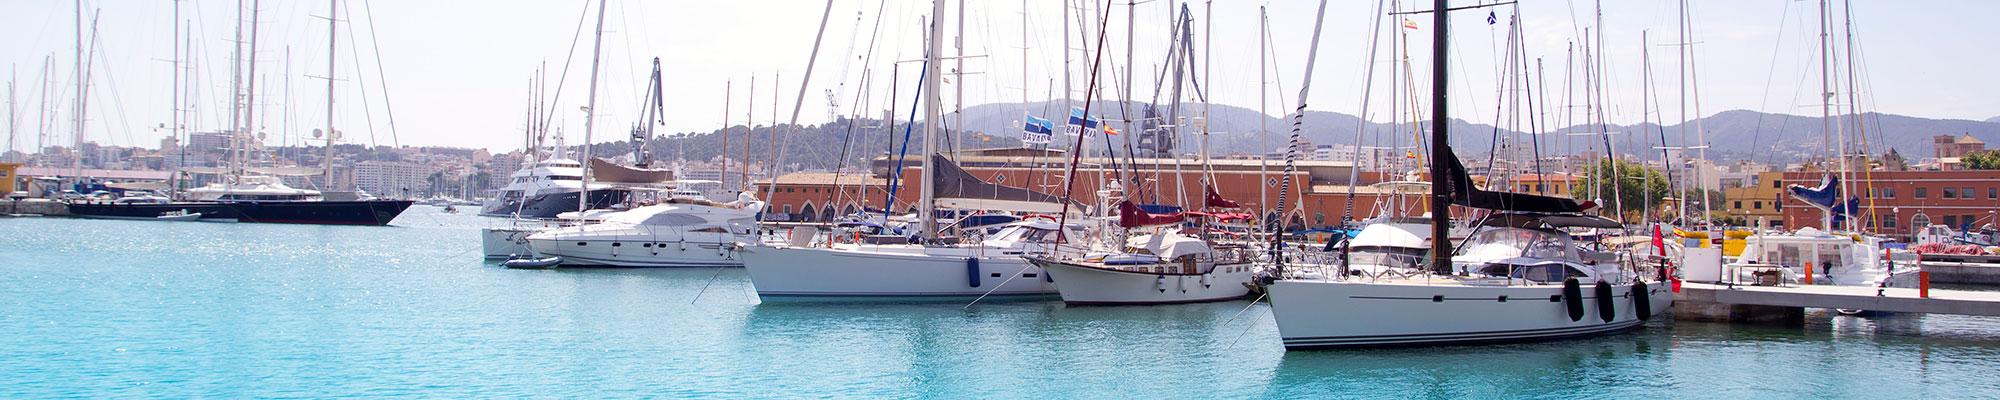 Palma-yachts.jpg